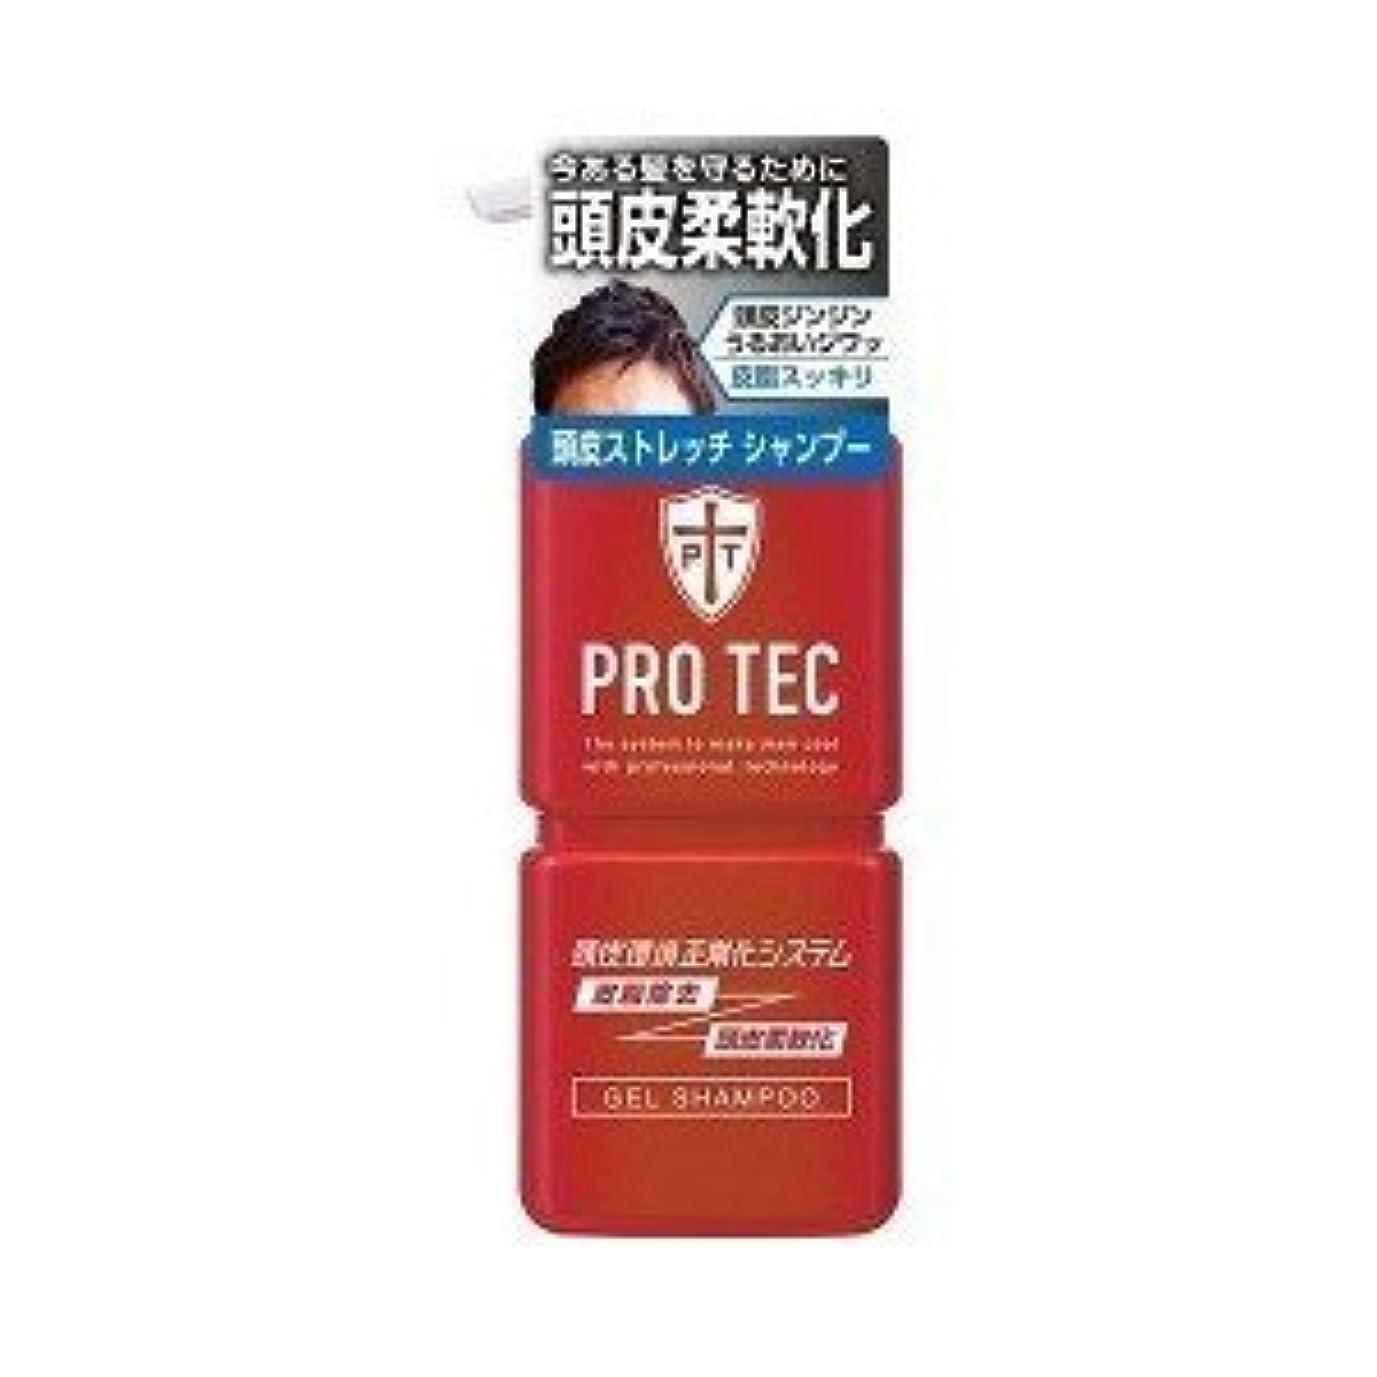 別れる人気の保護(ライオン)PRO TEC(プロテク) 頭皮ストレッチ シャンプー ポンプ 300g(医薬部外品)